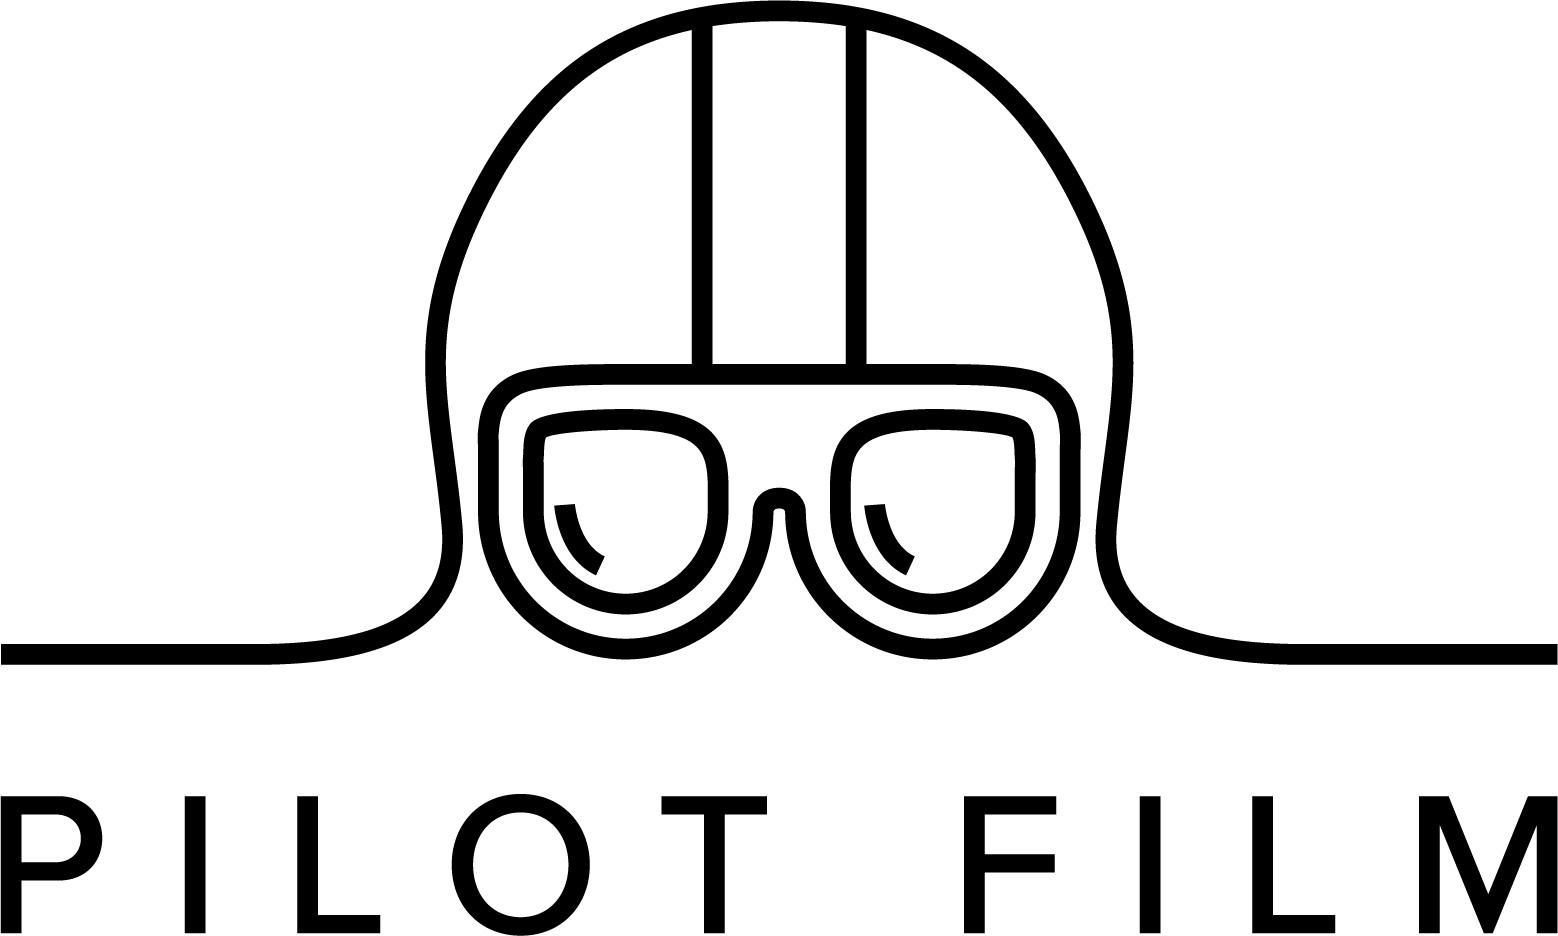 Pilot Film